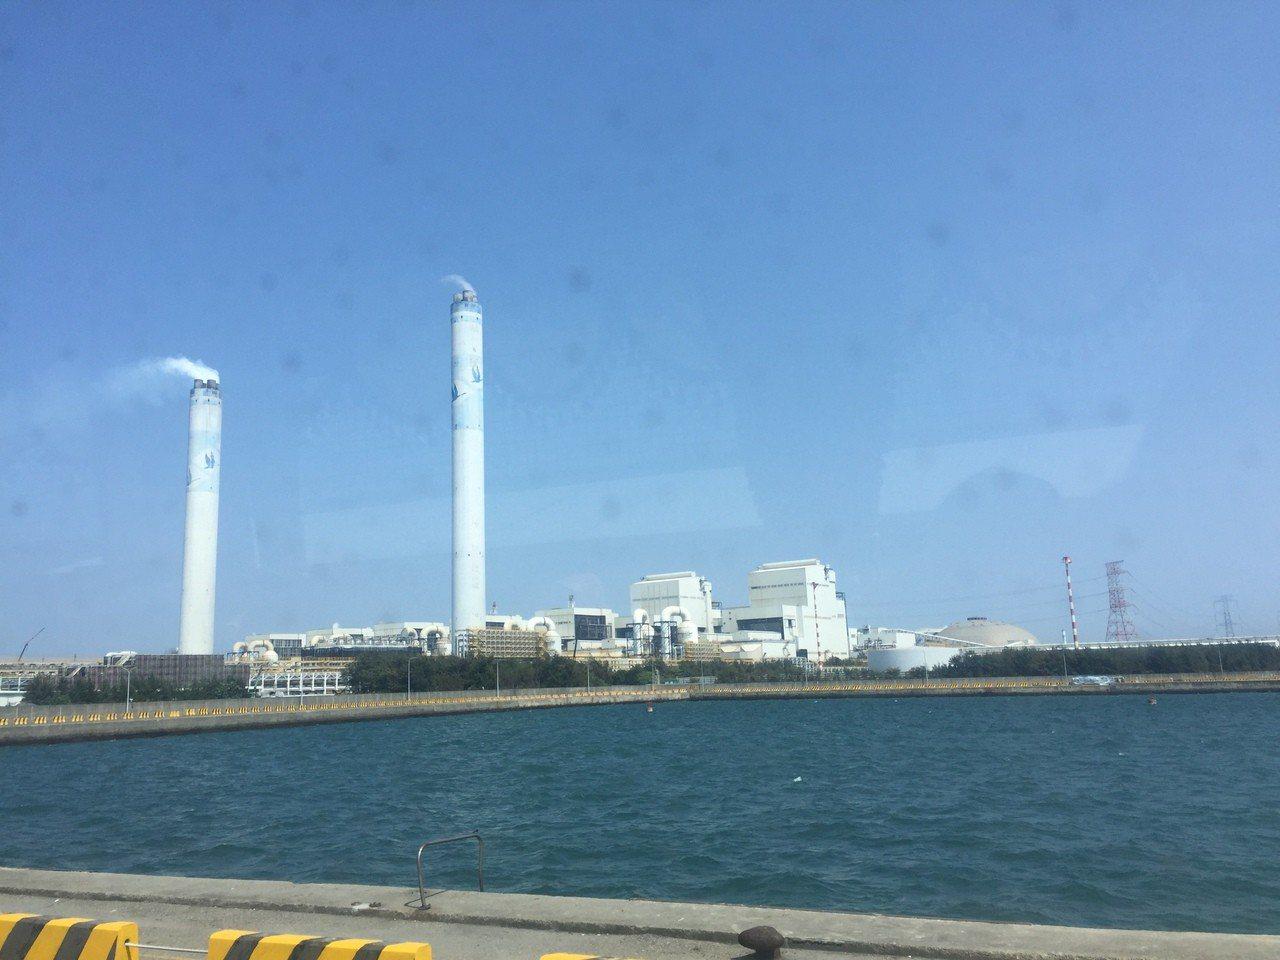 台塑六輕廠區共有十六座汽電共生機組煙囪,投入四十七億元,以煙氣加熱器(MGGH)...